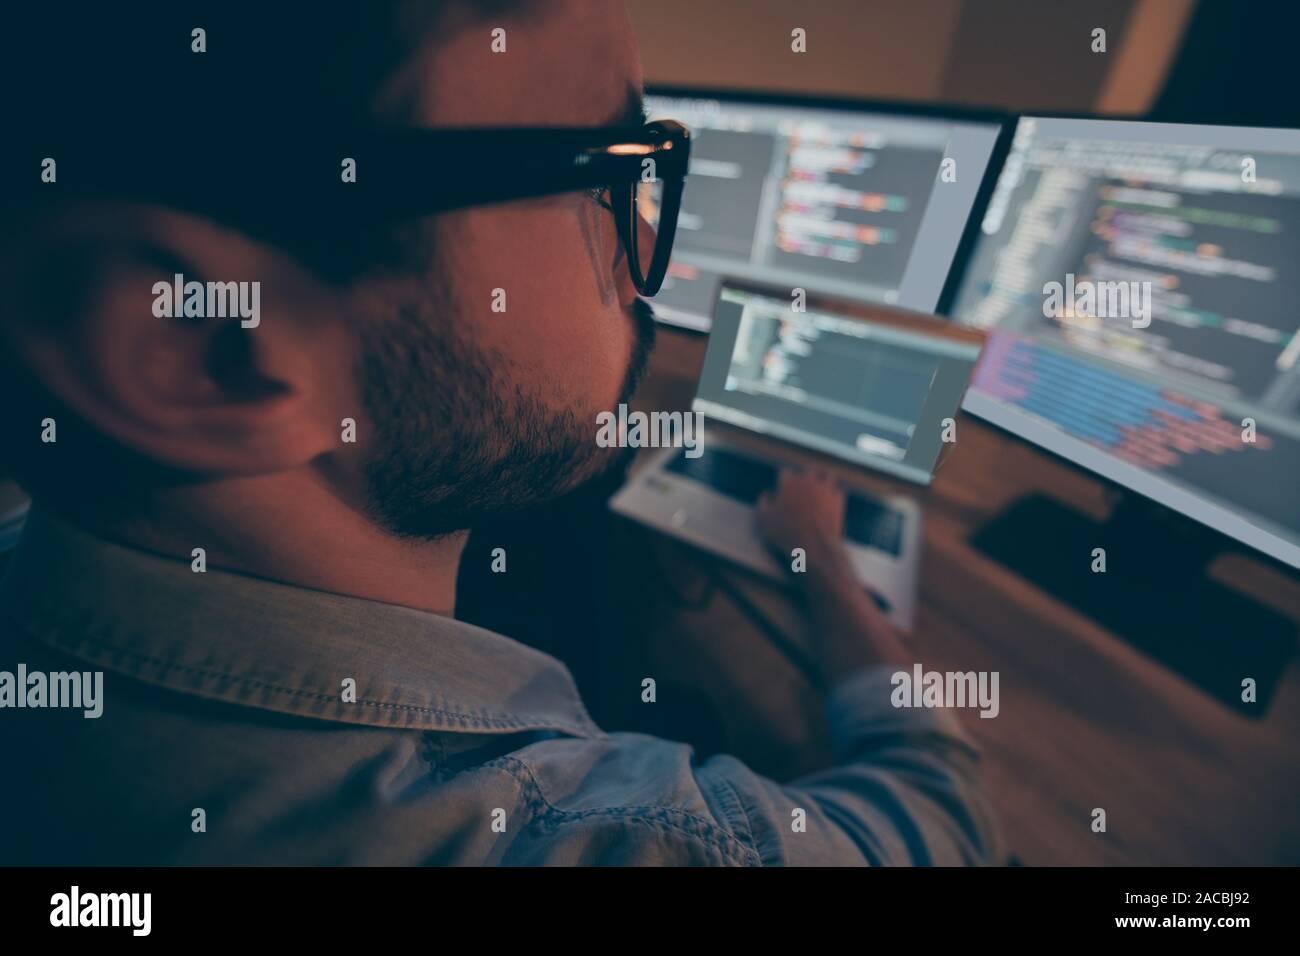 Portrait la photo en gros plan de la modification des systèmes spécialisés corproration cyber sécurité responsable de la protection des données secrètes et cachées Banque D'Images